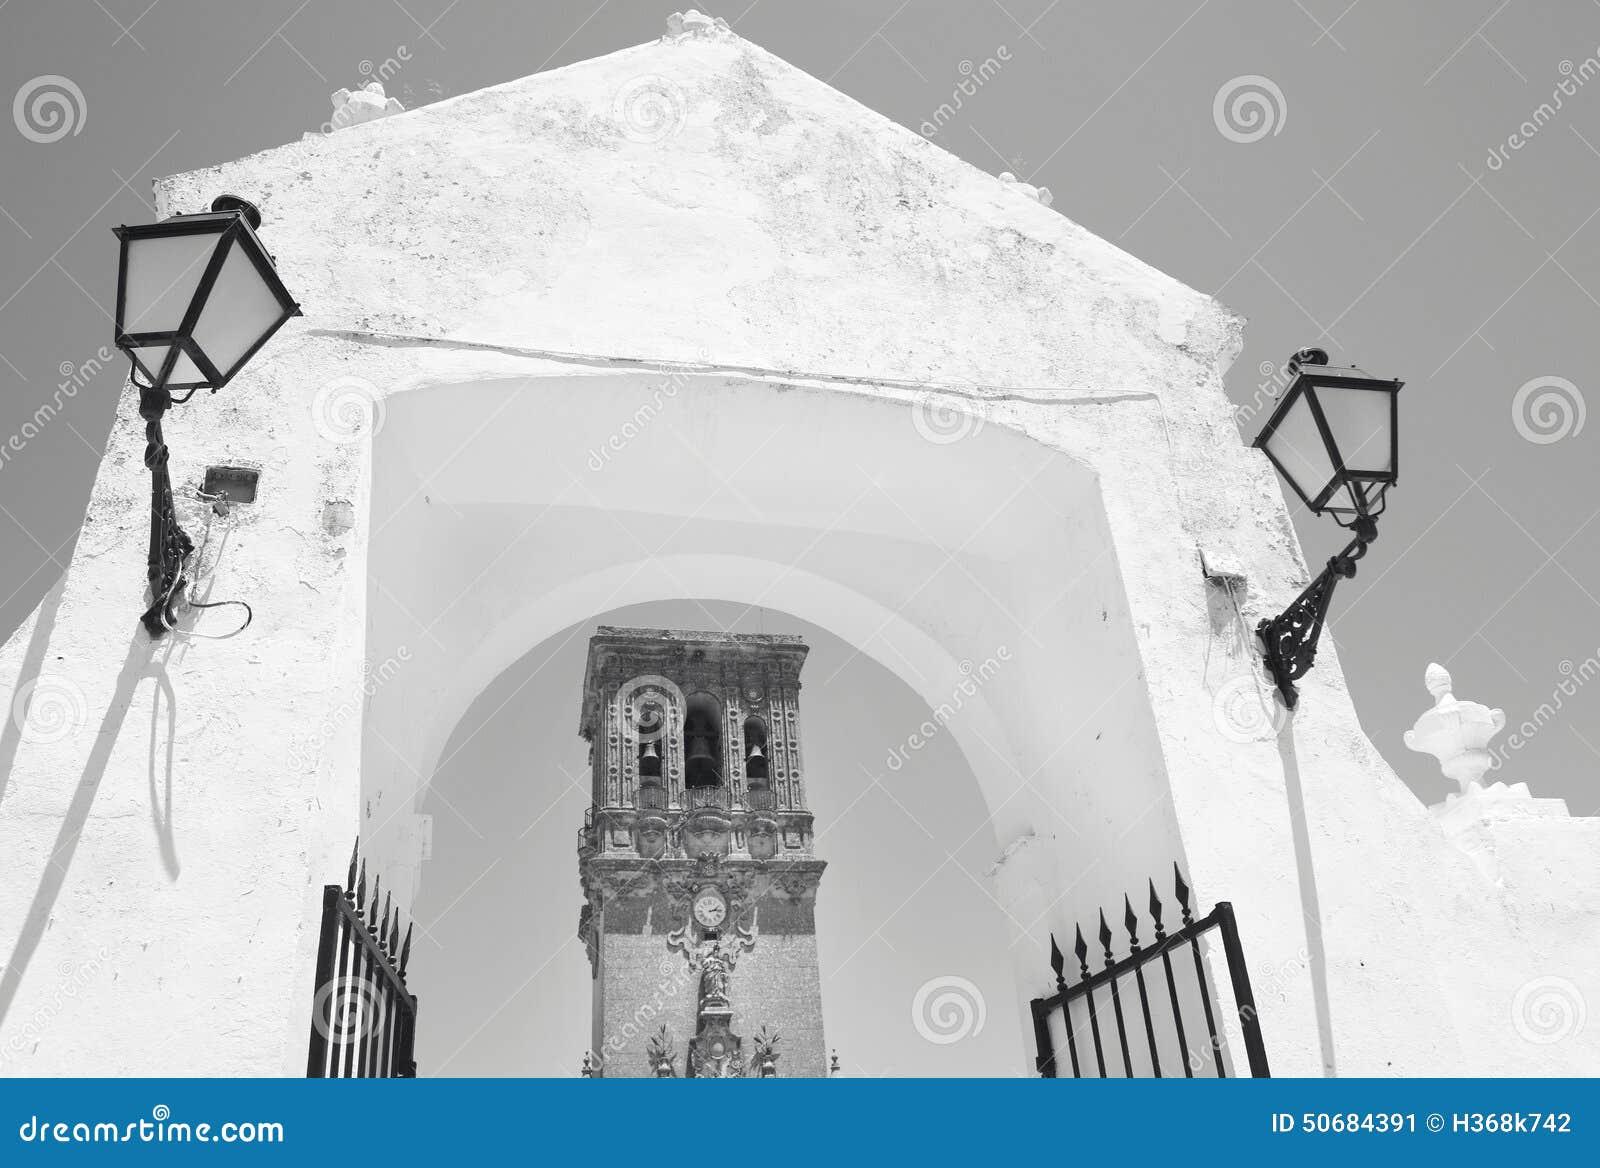 Download 安达卢西亚的传统门面和曲拱与灯 西班牙 库存图片. 图片 包括有 旅游业, 夏天, 地中海, 西班牙语, 传统 - 50684391